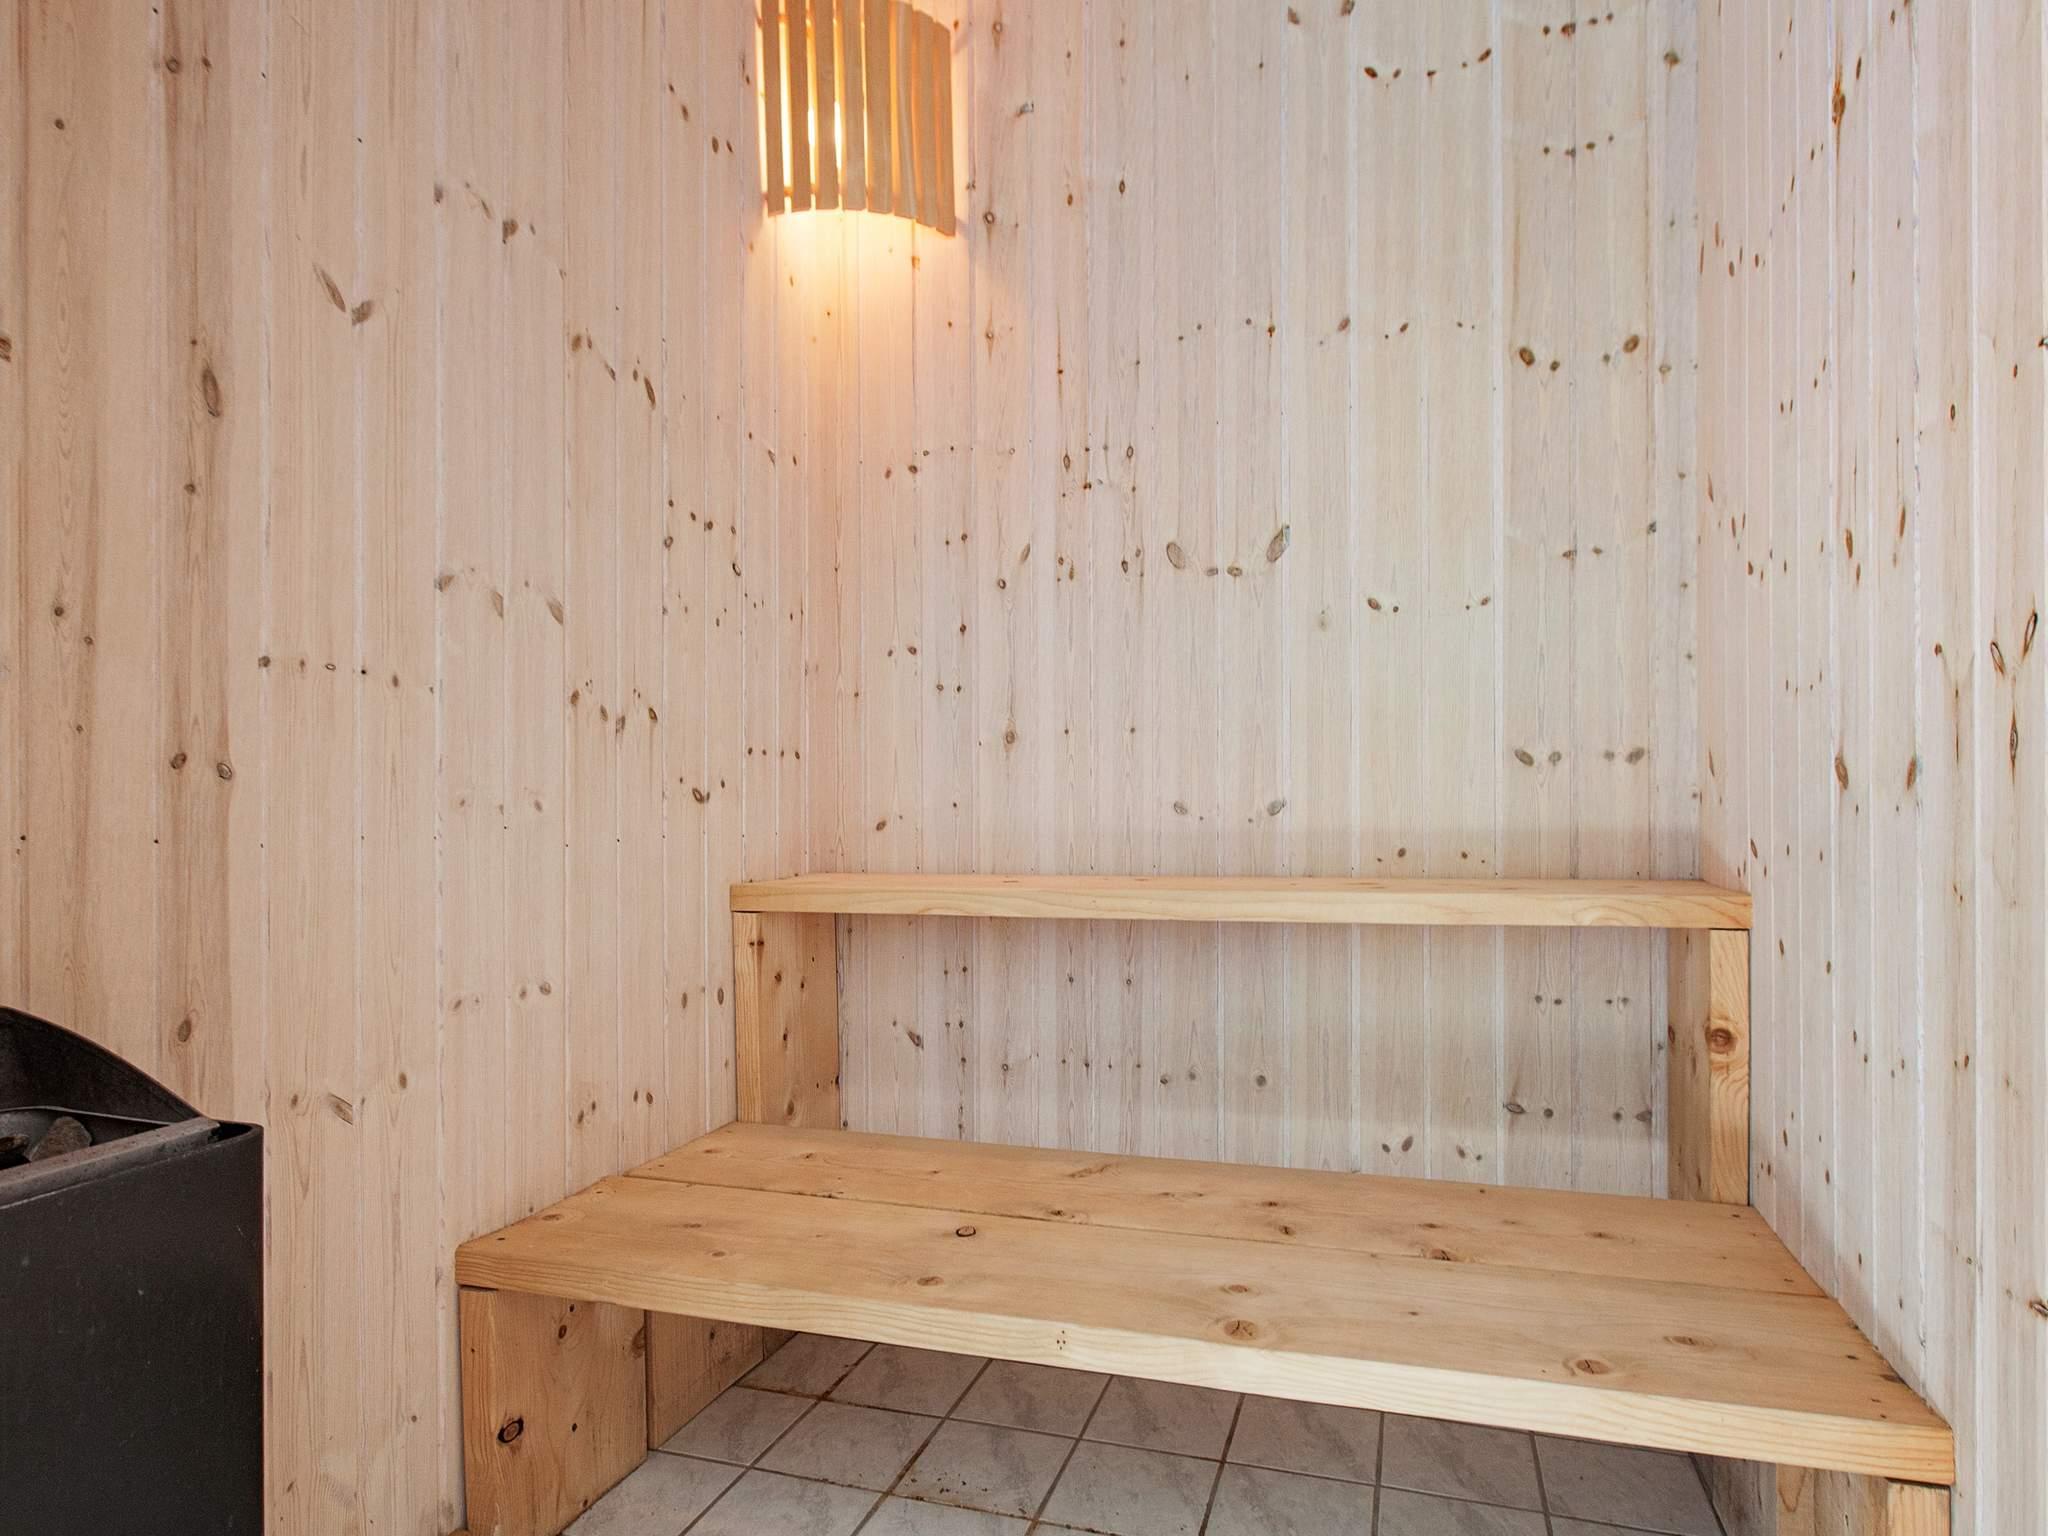 Ferienhaus Veddinge Bakker (2355598), Veddinge, , Westseeland, Dänemark, Bild 19